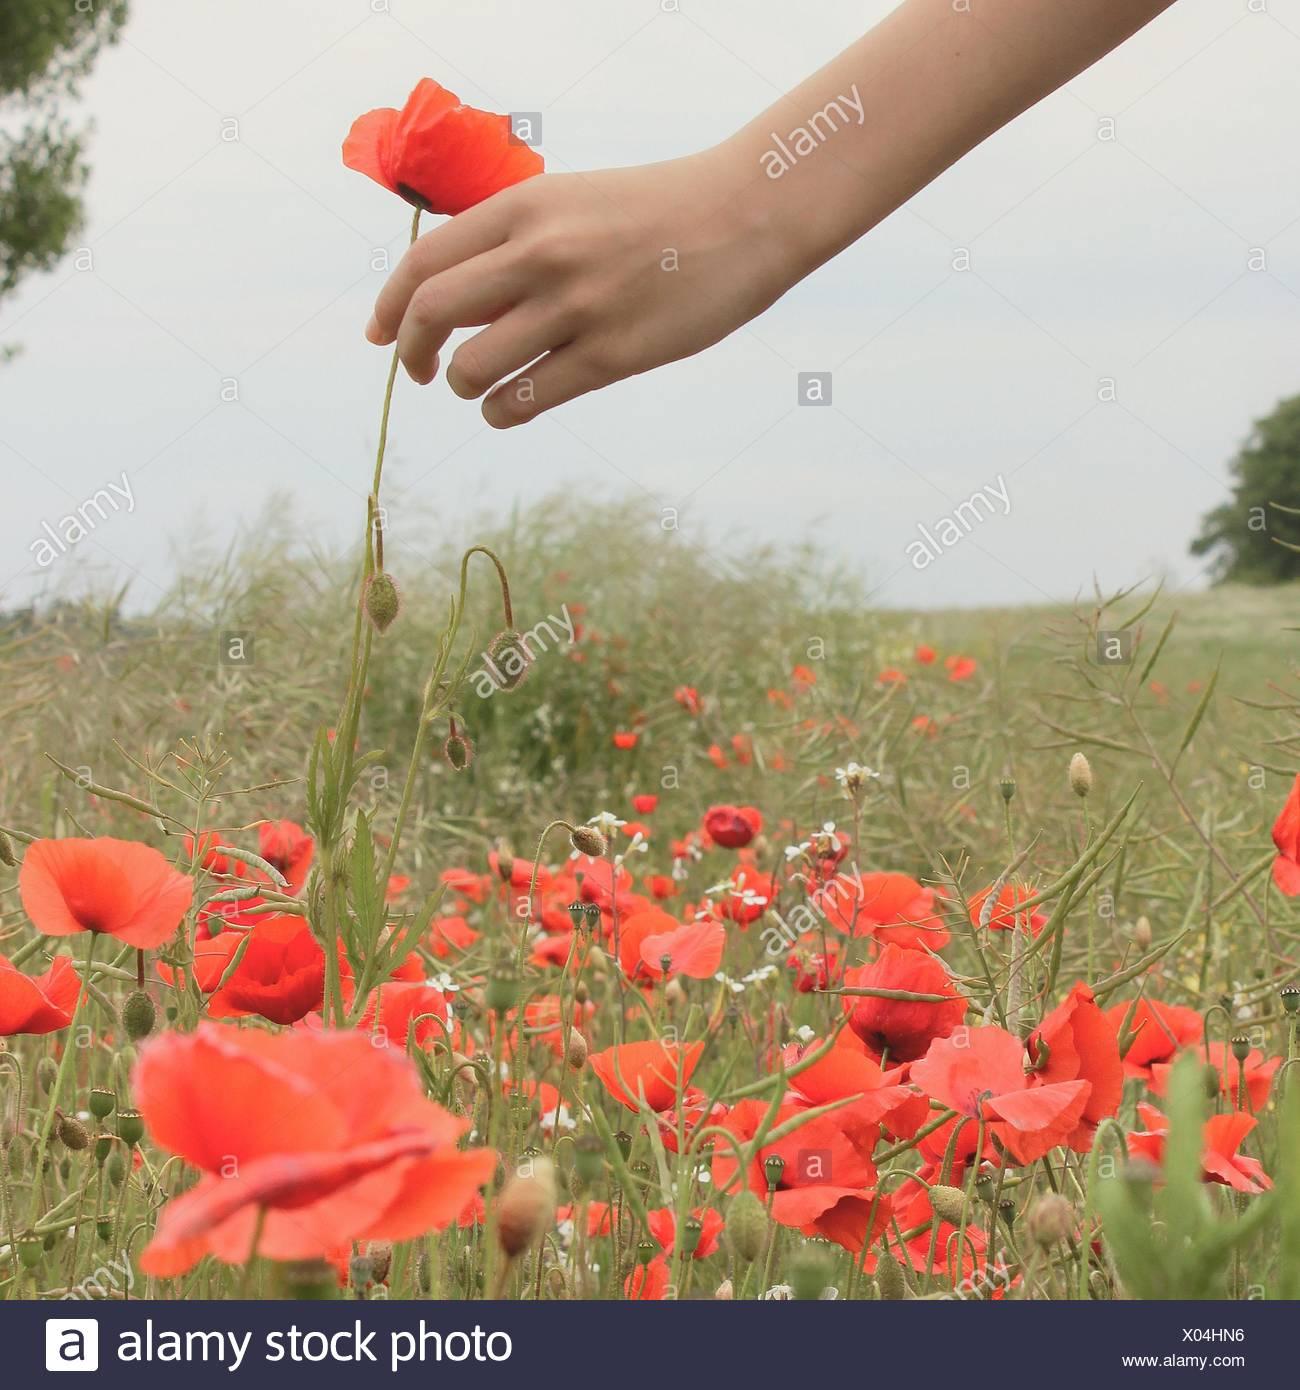 Girl picking poppy flowers - Stock Image